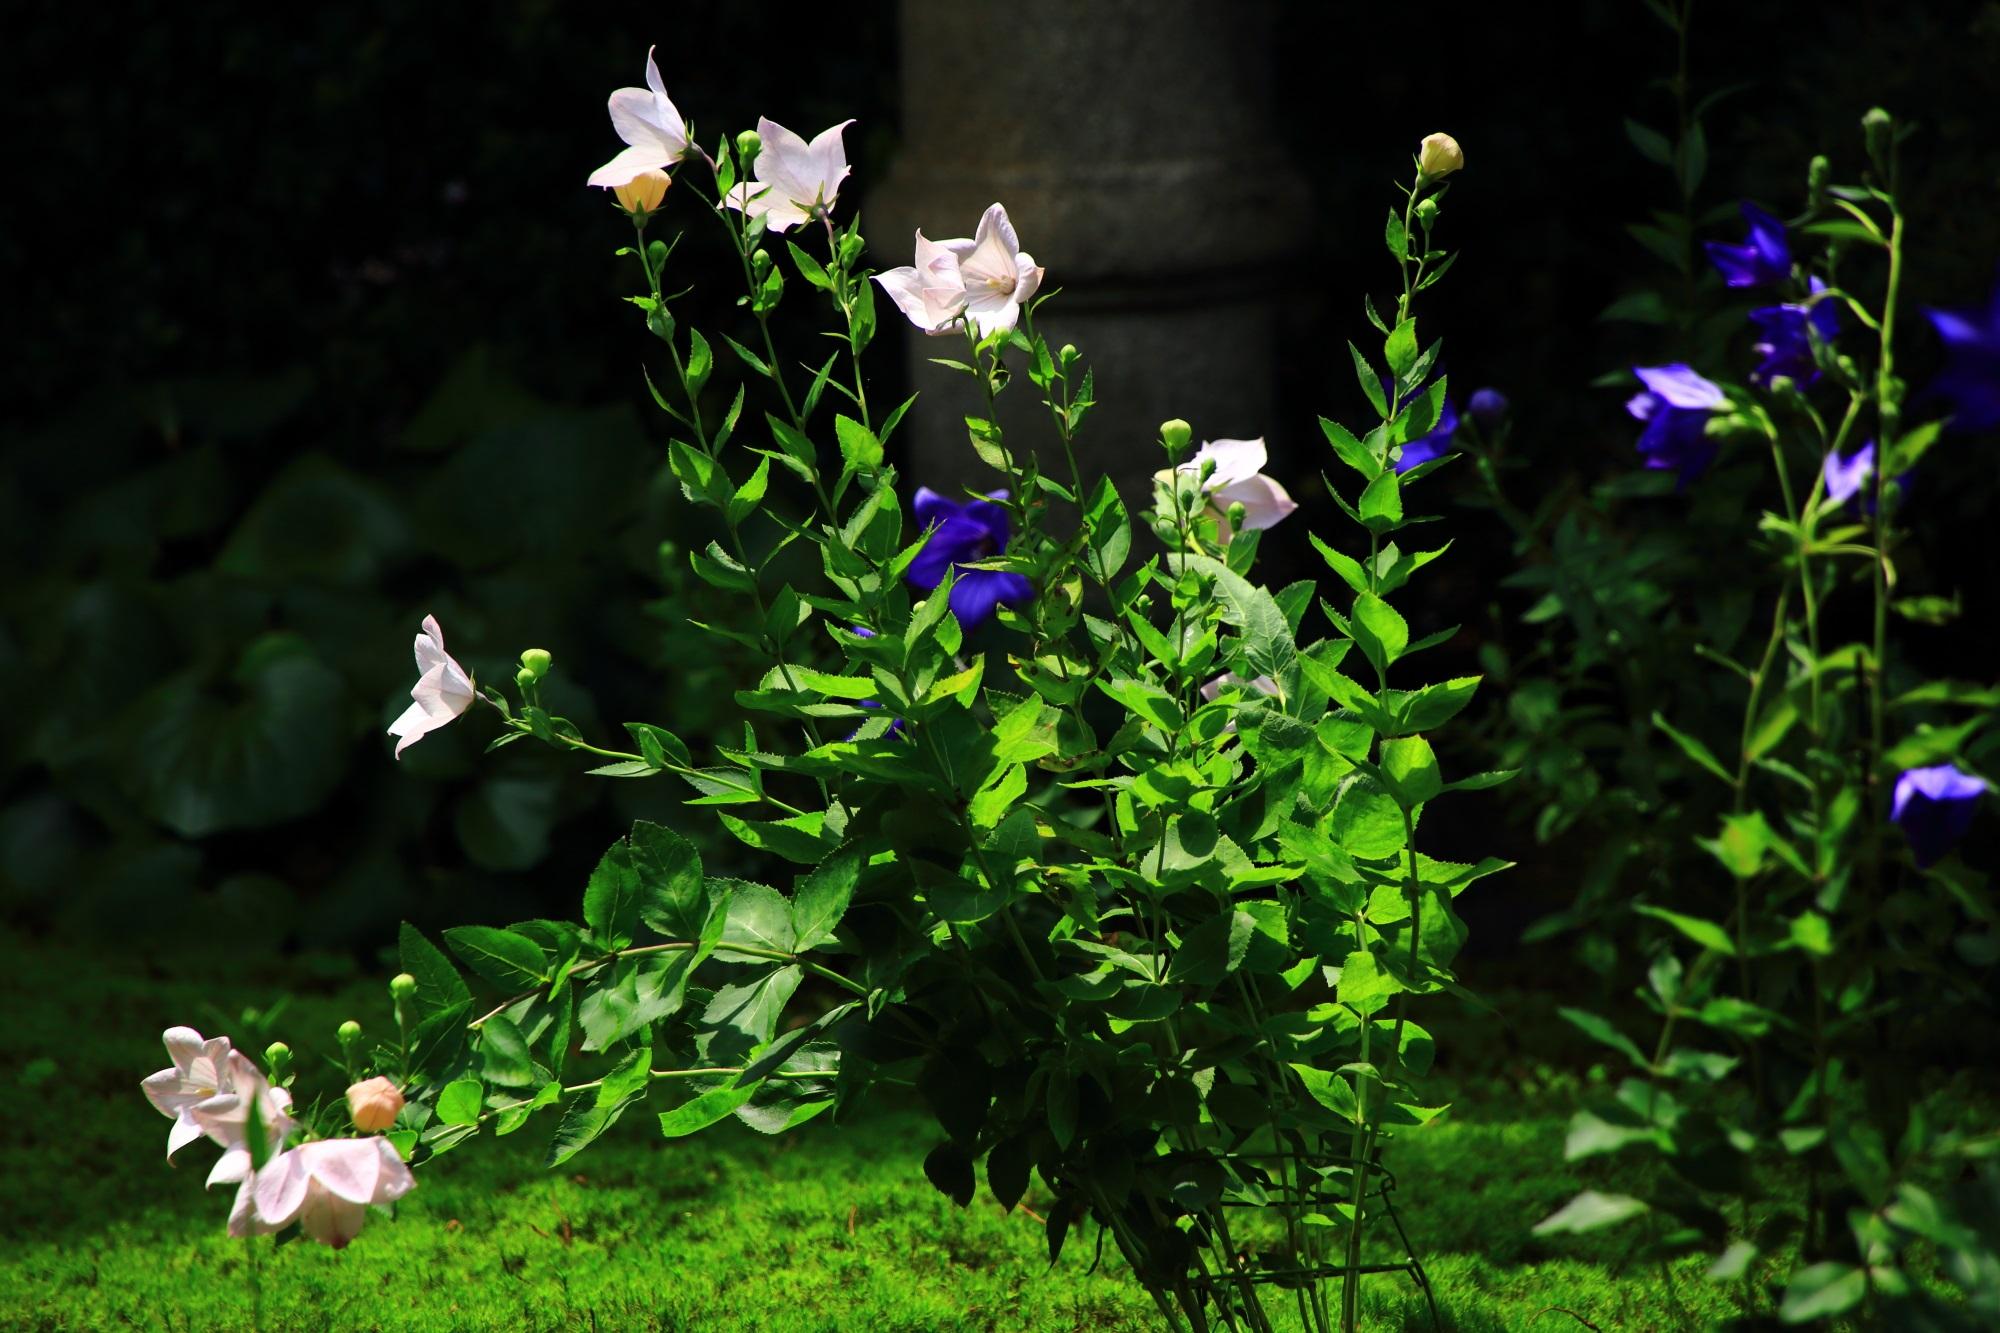 眩い緑に映える華やかな白い桔梗の花